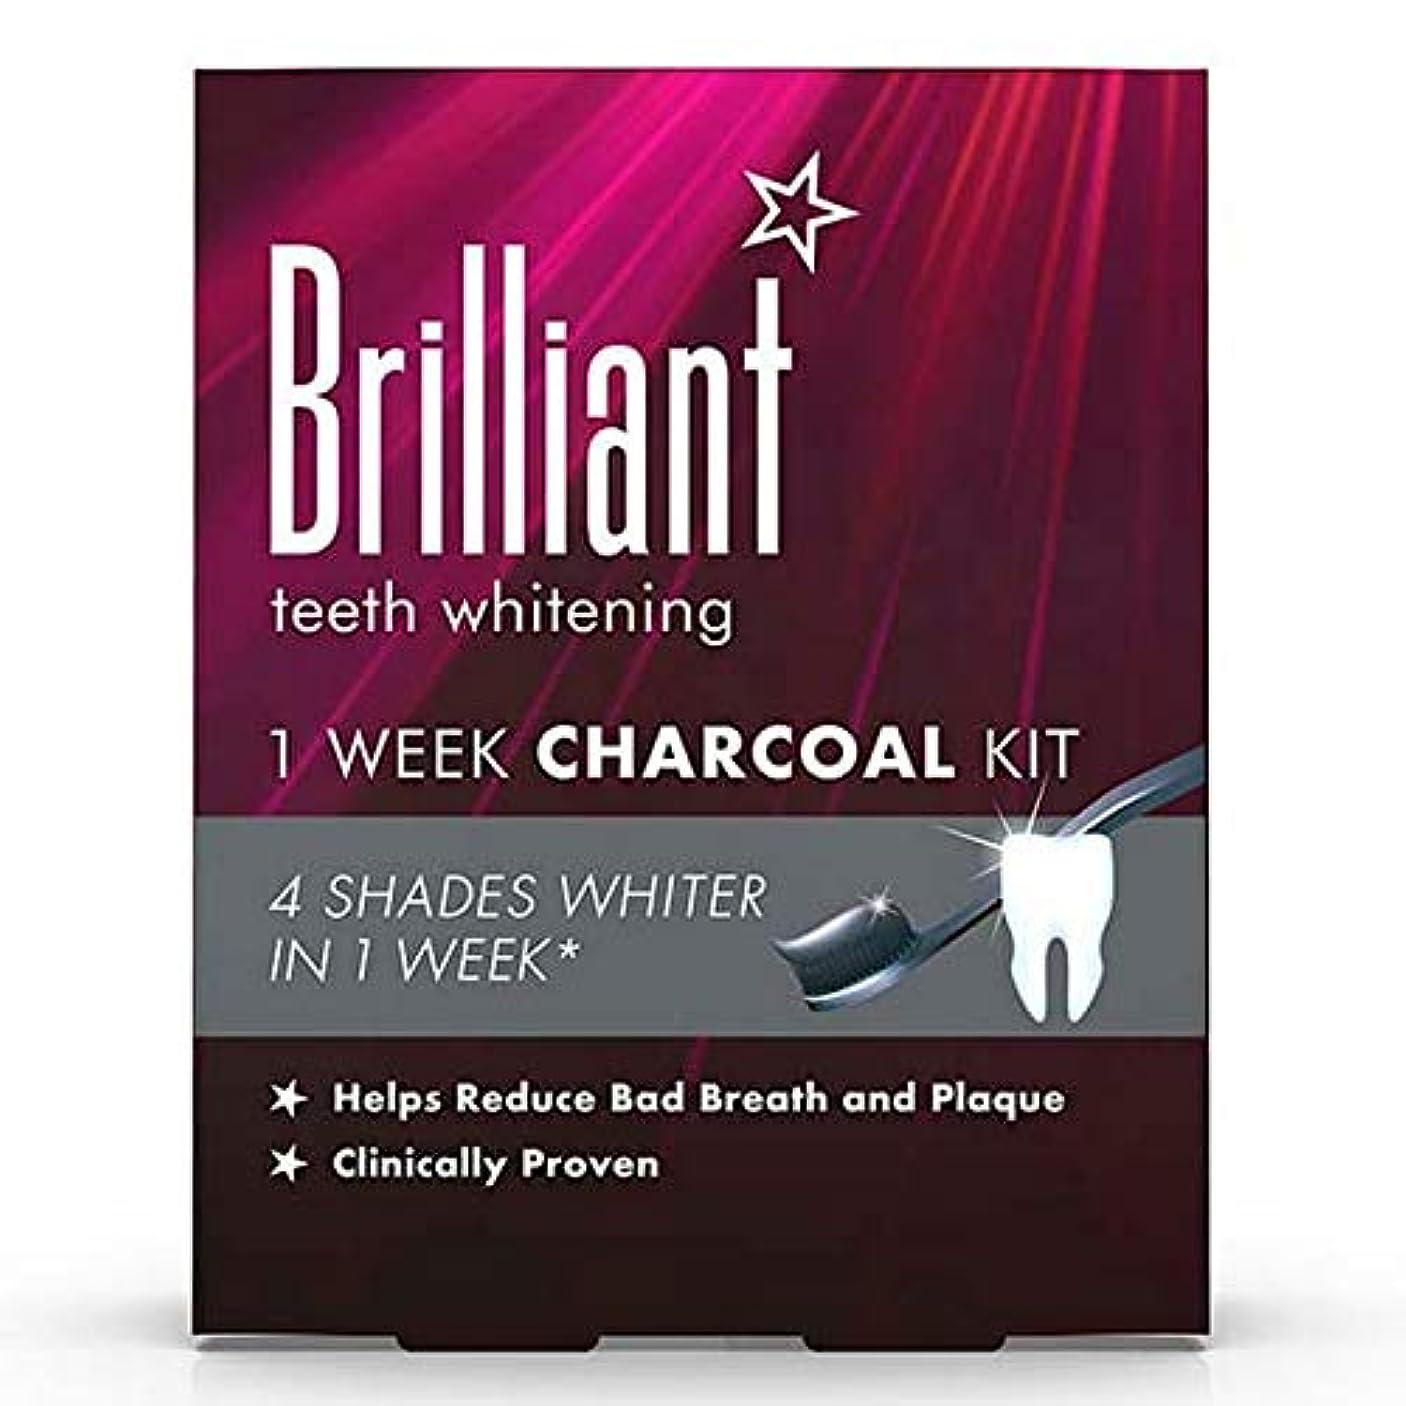 交通膜シャーロックホームズ[Brilliant ] 華麗なホワイトニング1週間木炭キット - Brilliant Whitening 1 Week Charcoal Kit [並行輸入品]